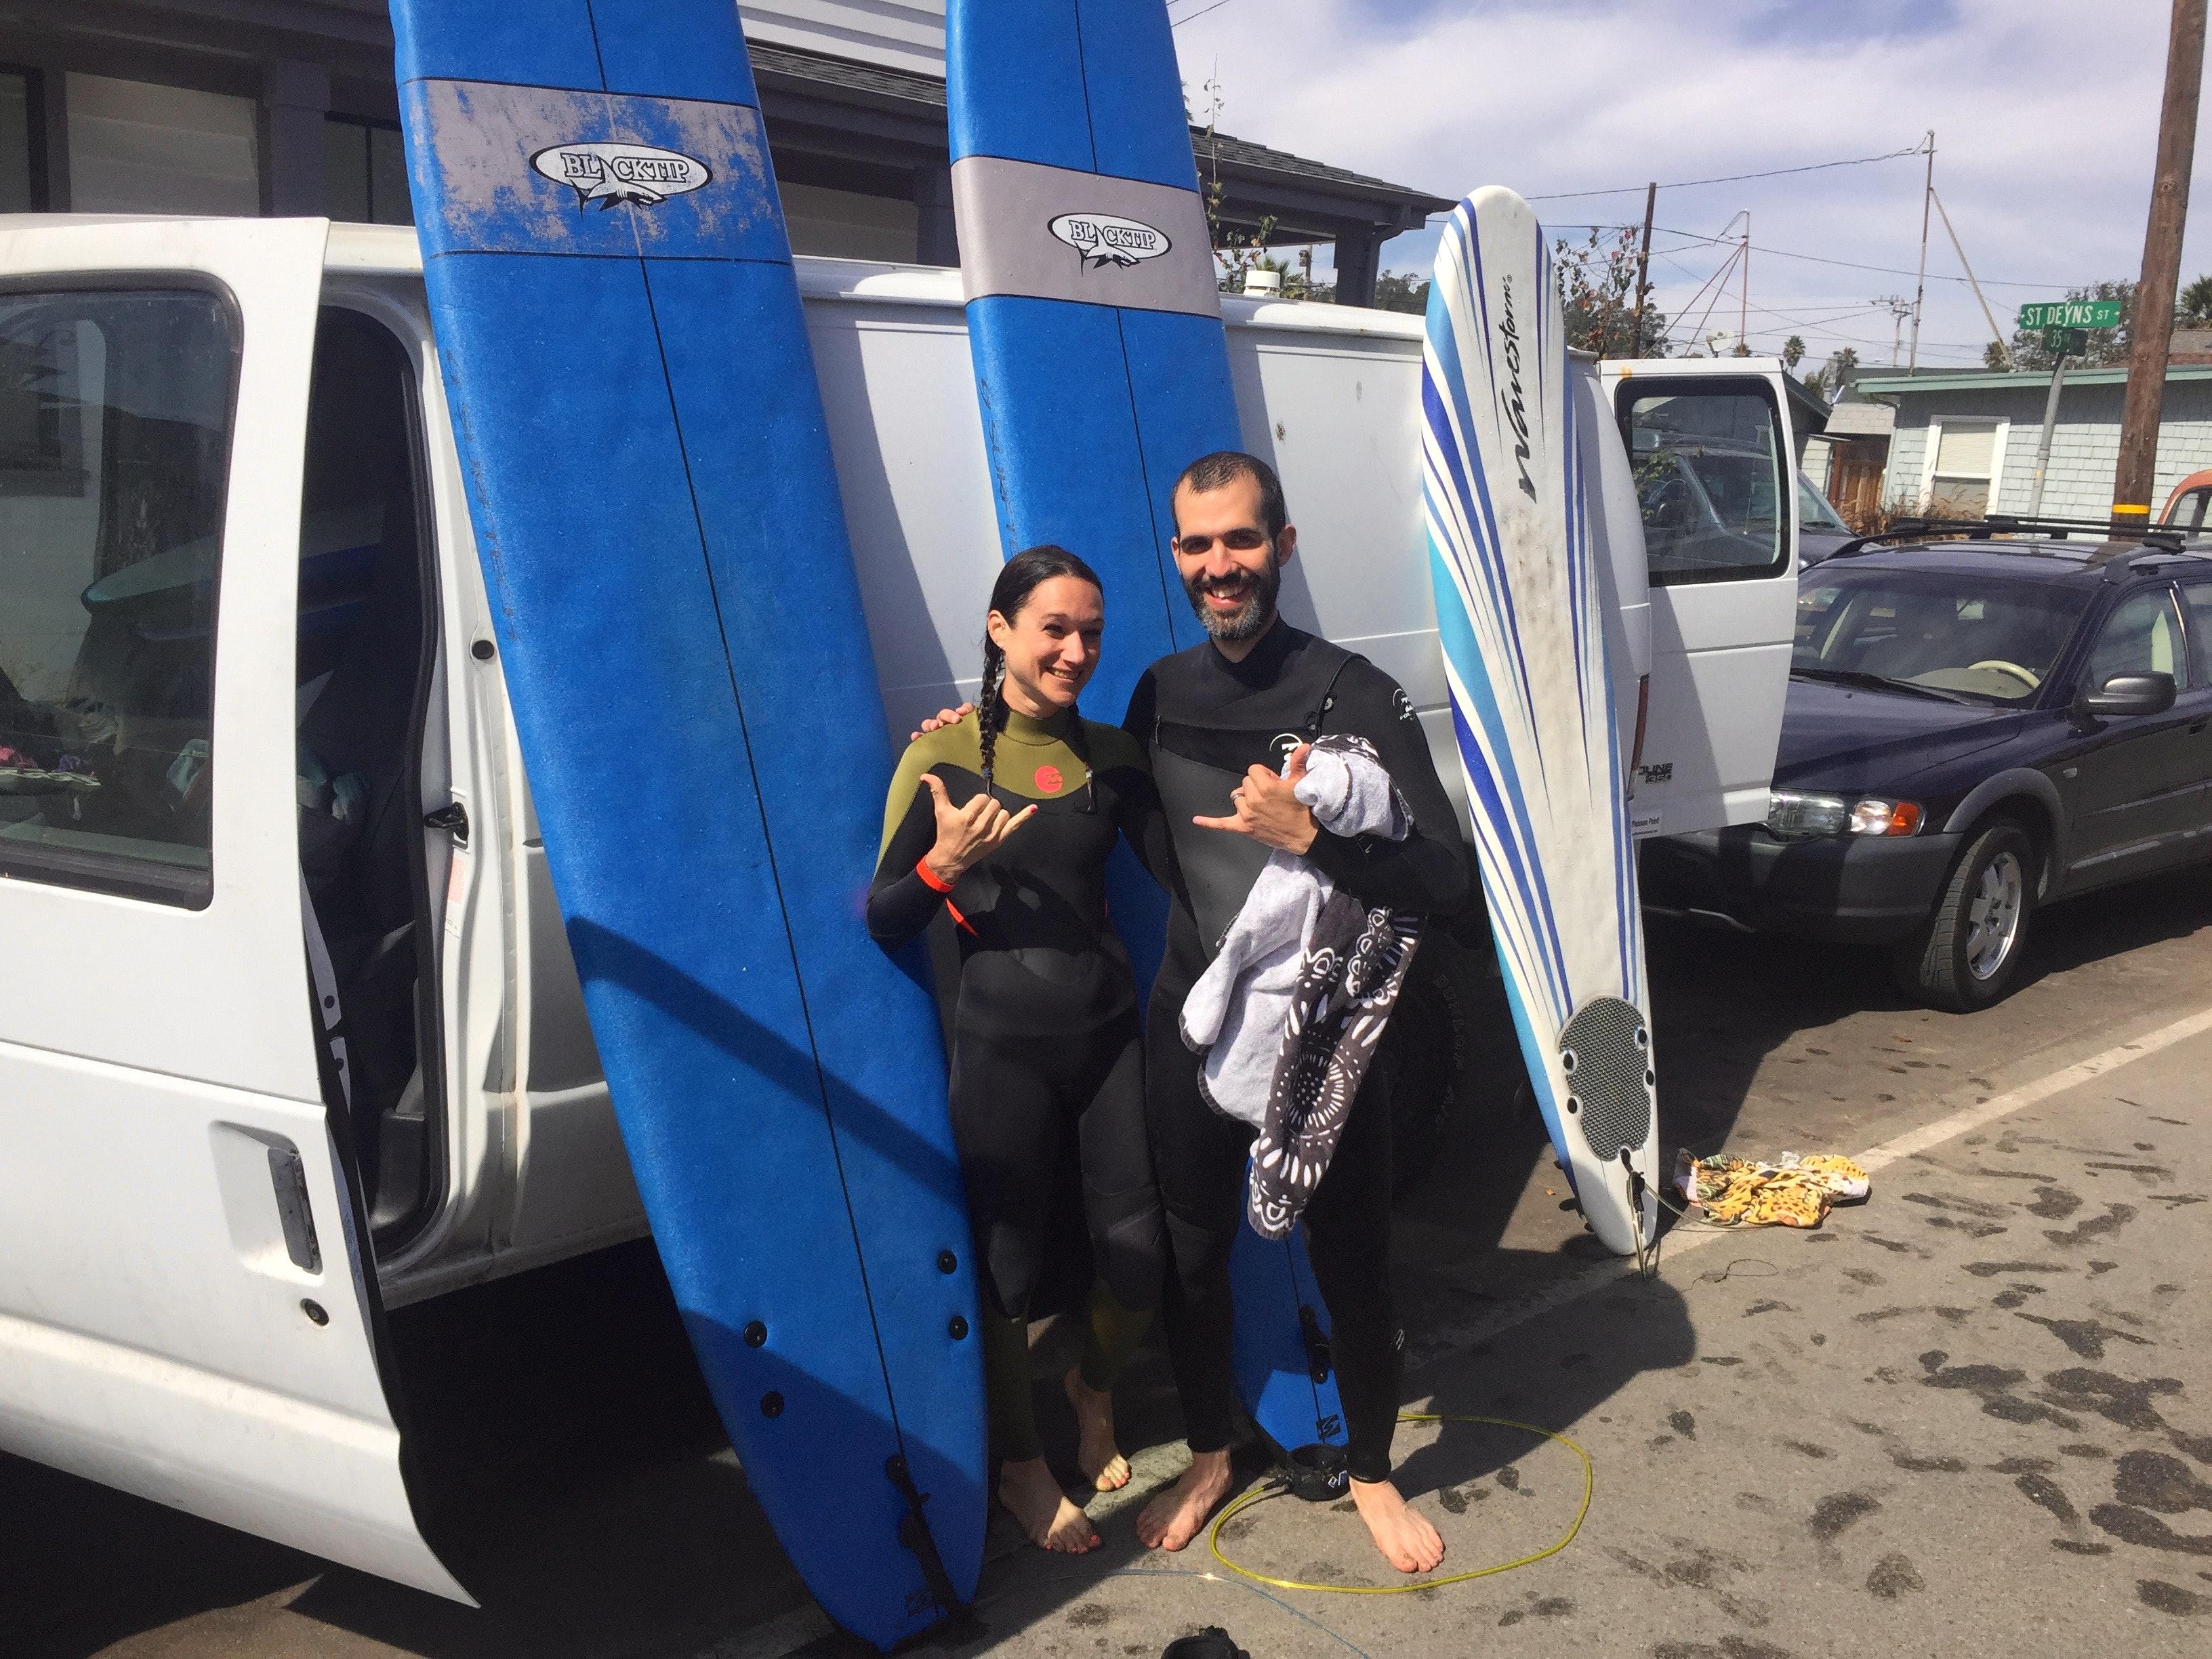 Surfers getting ready in Santa Cruz